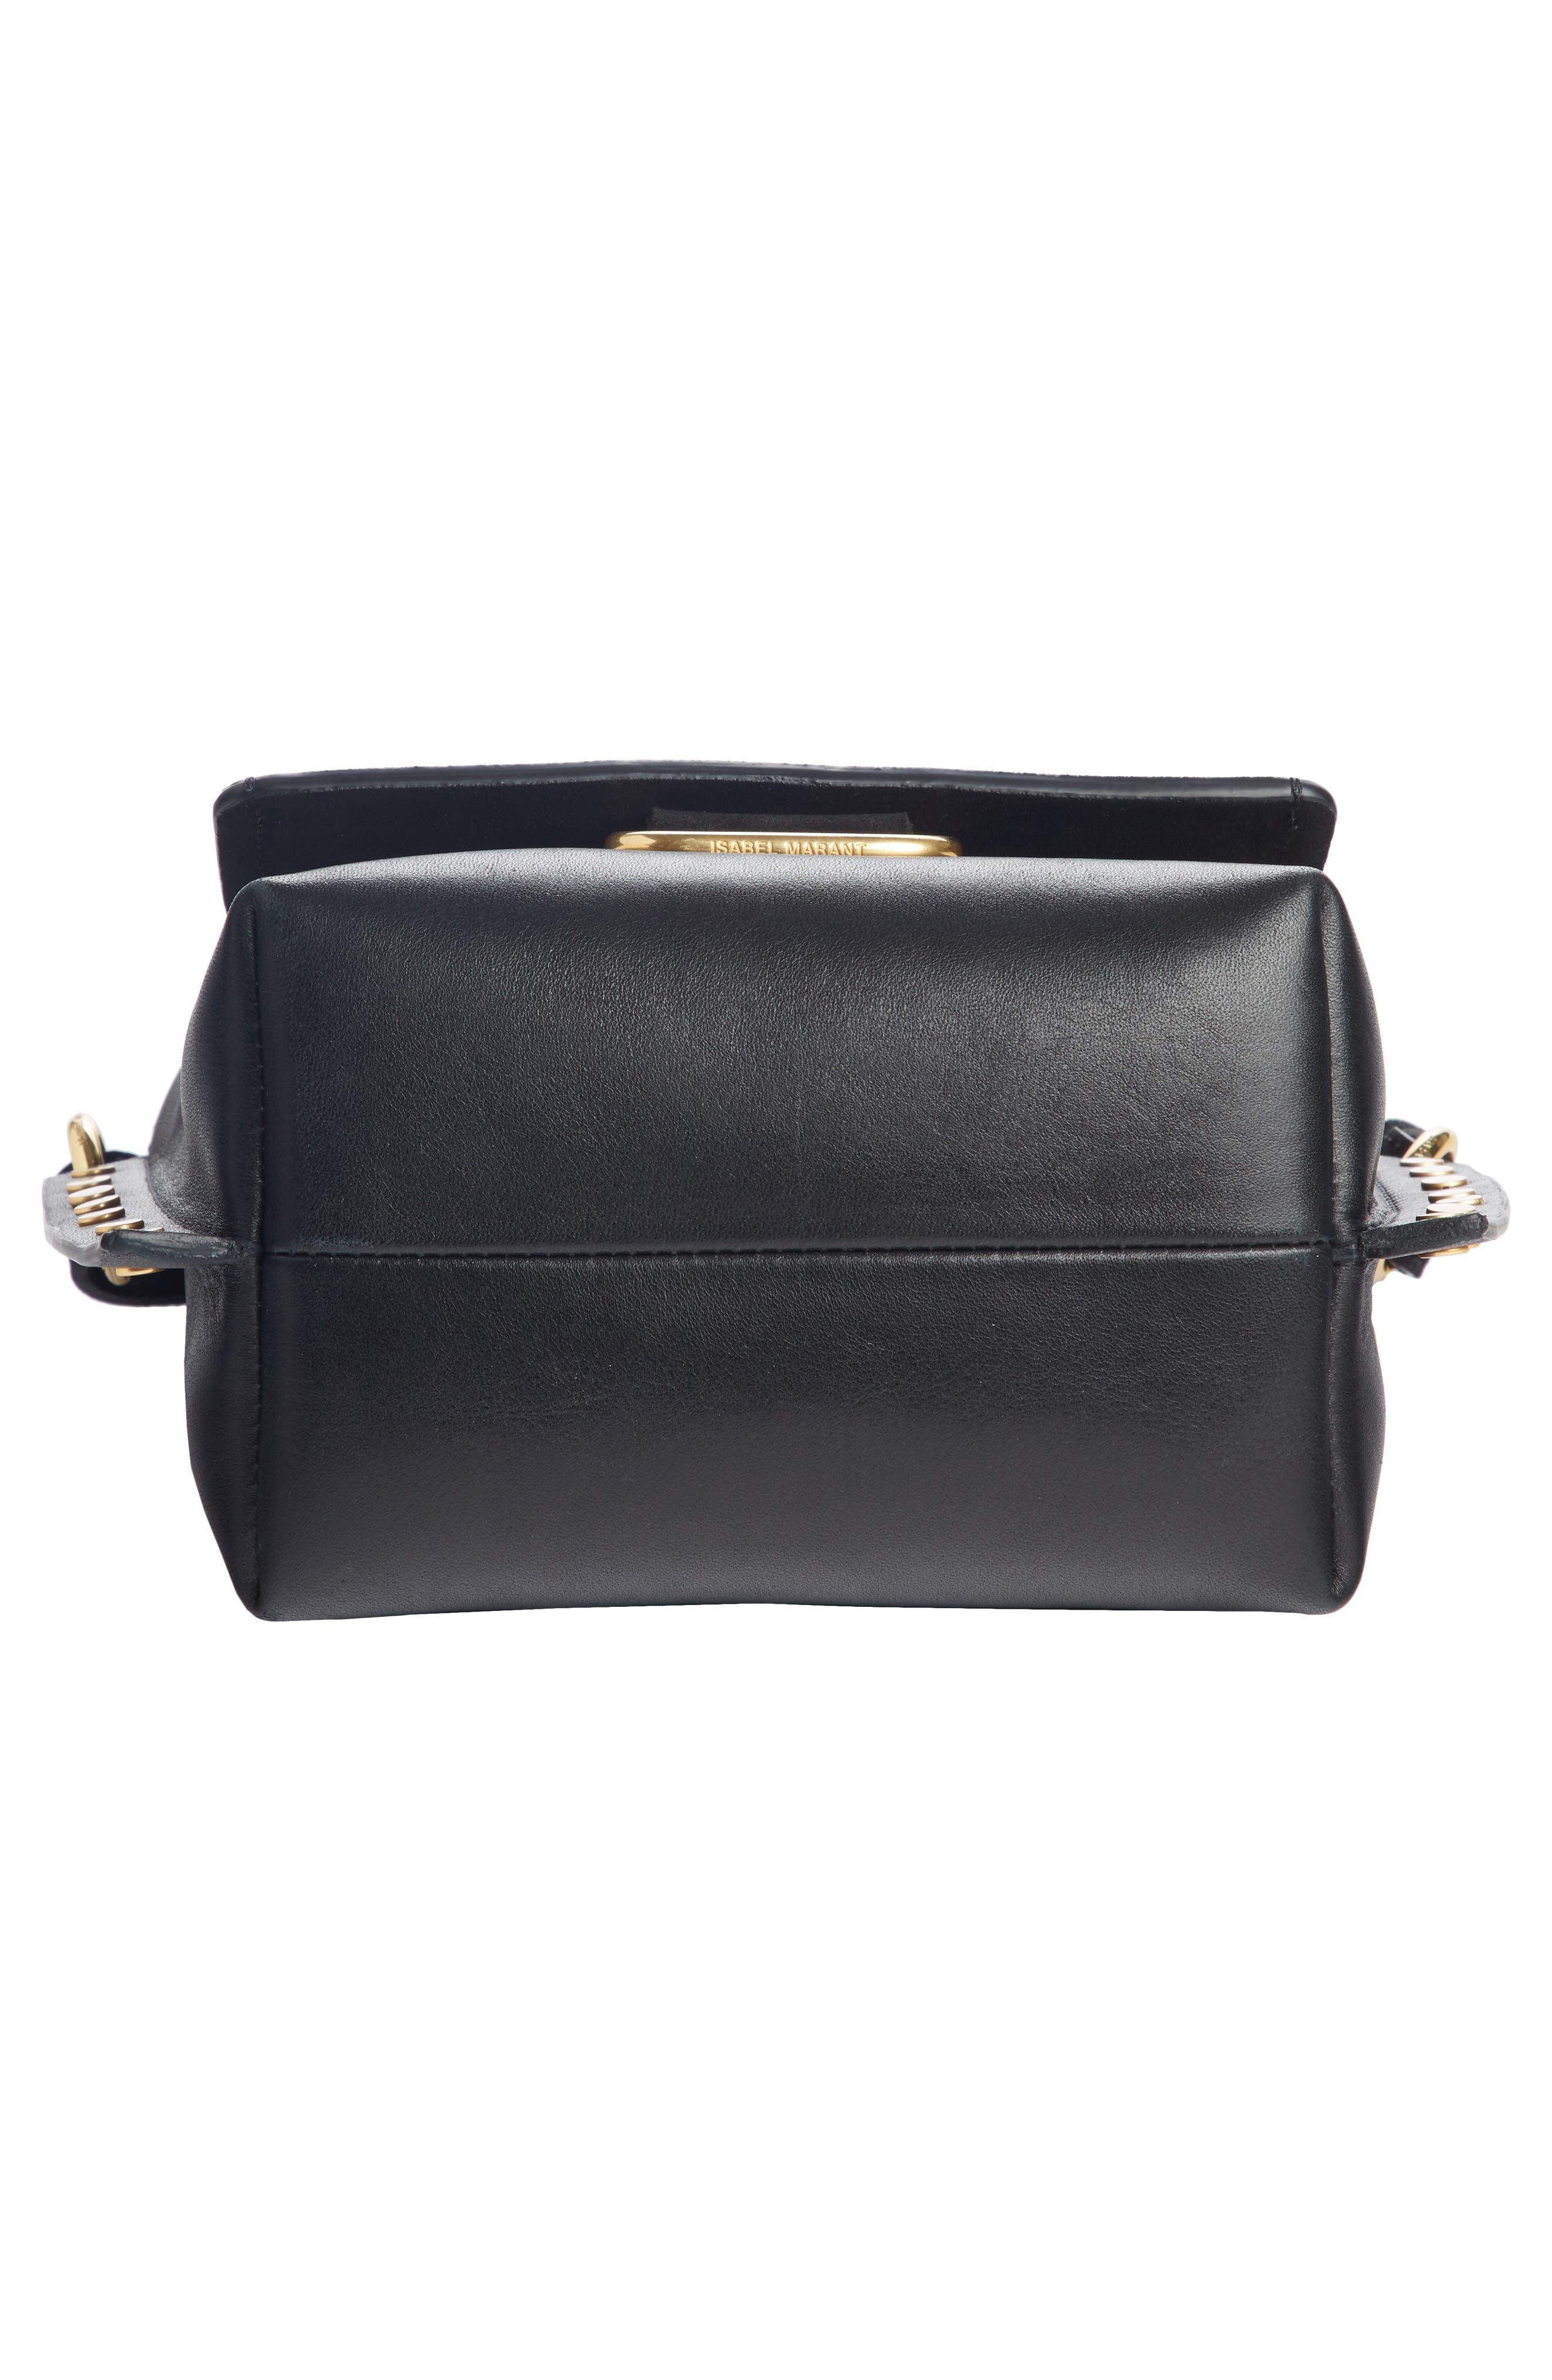 Kleny Leather Shoulder Bag,                             Alternate thumbnail 4, color,                             001